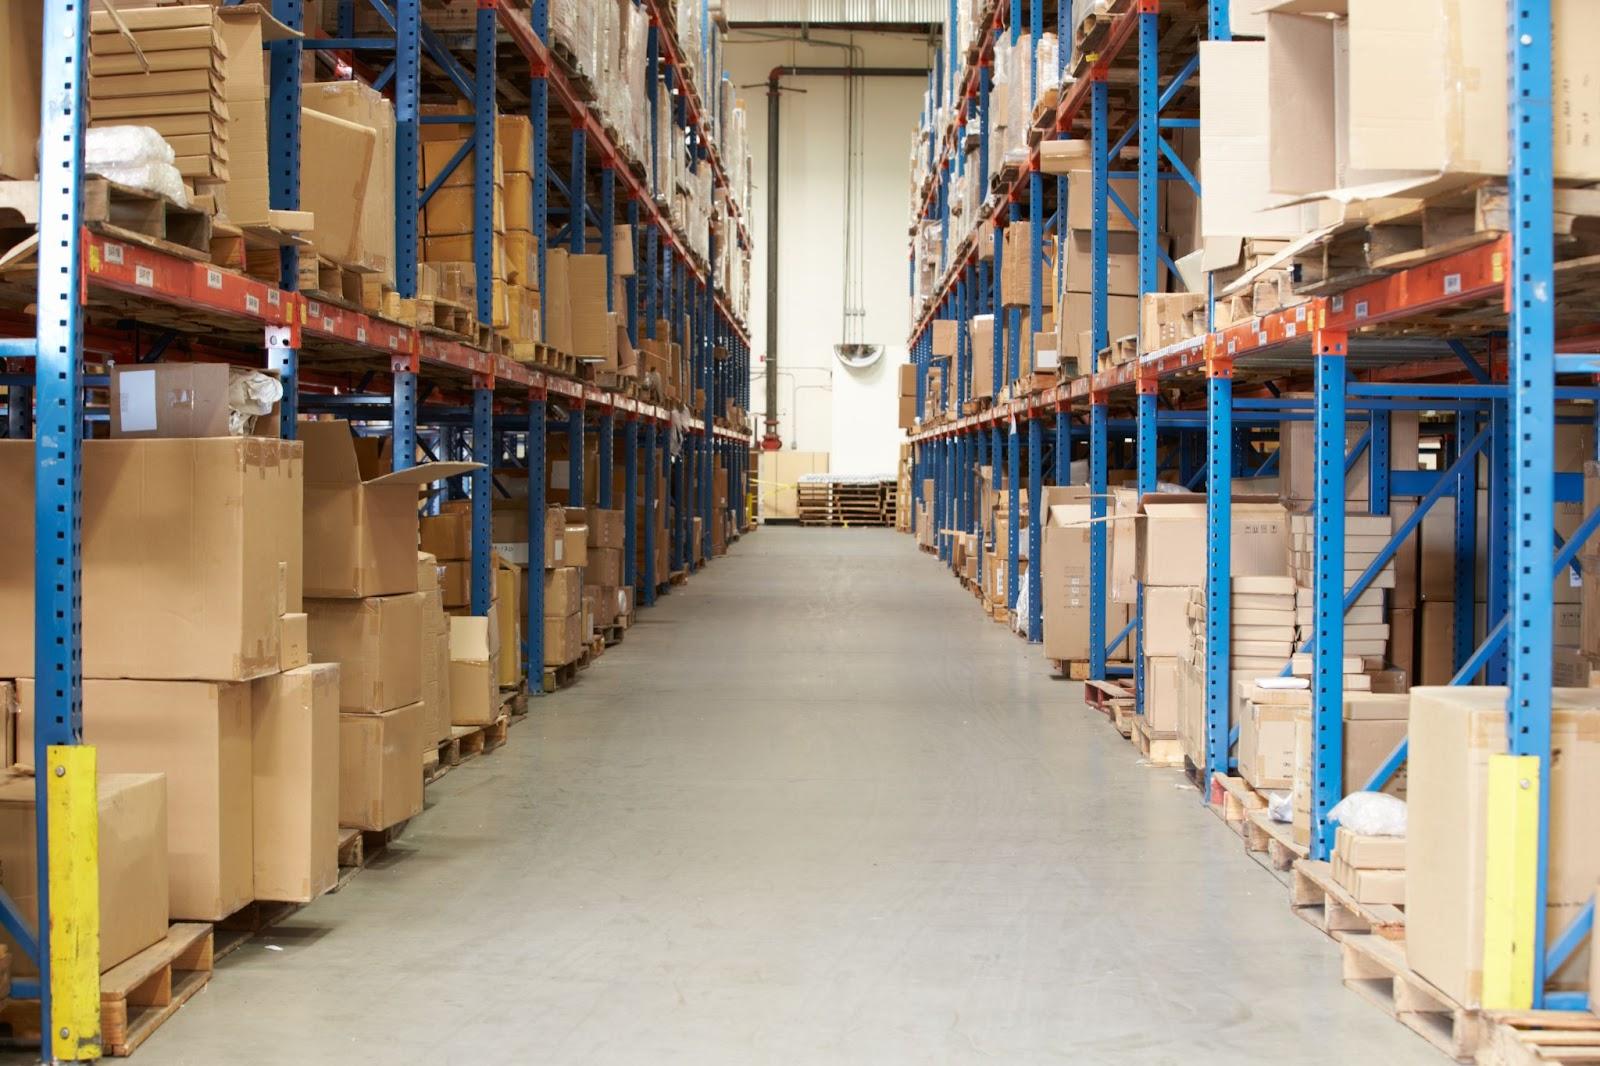 требования к безопасности складских помещений